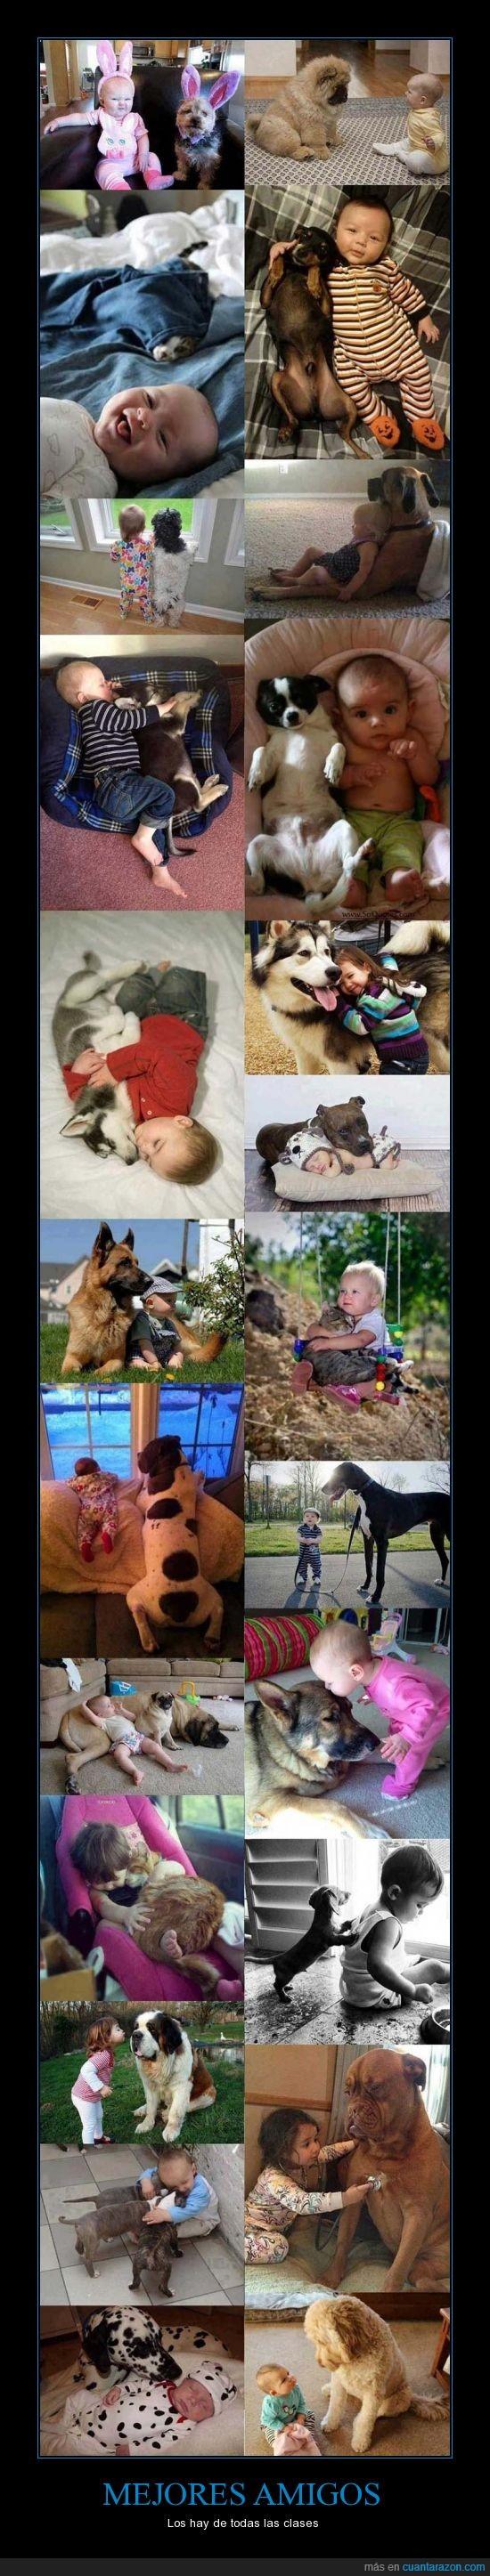 alguien mas quiere uno,amistad,bebe,compañía,dormir,gato,me refiero a las mascotas,perro,protección,ternurita,XD